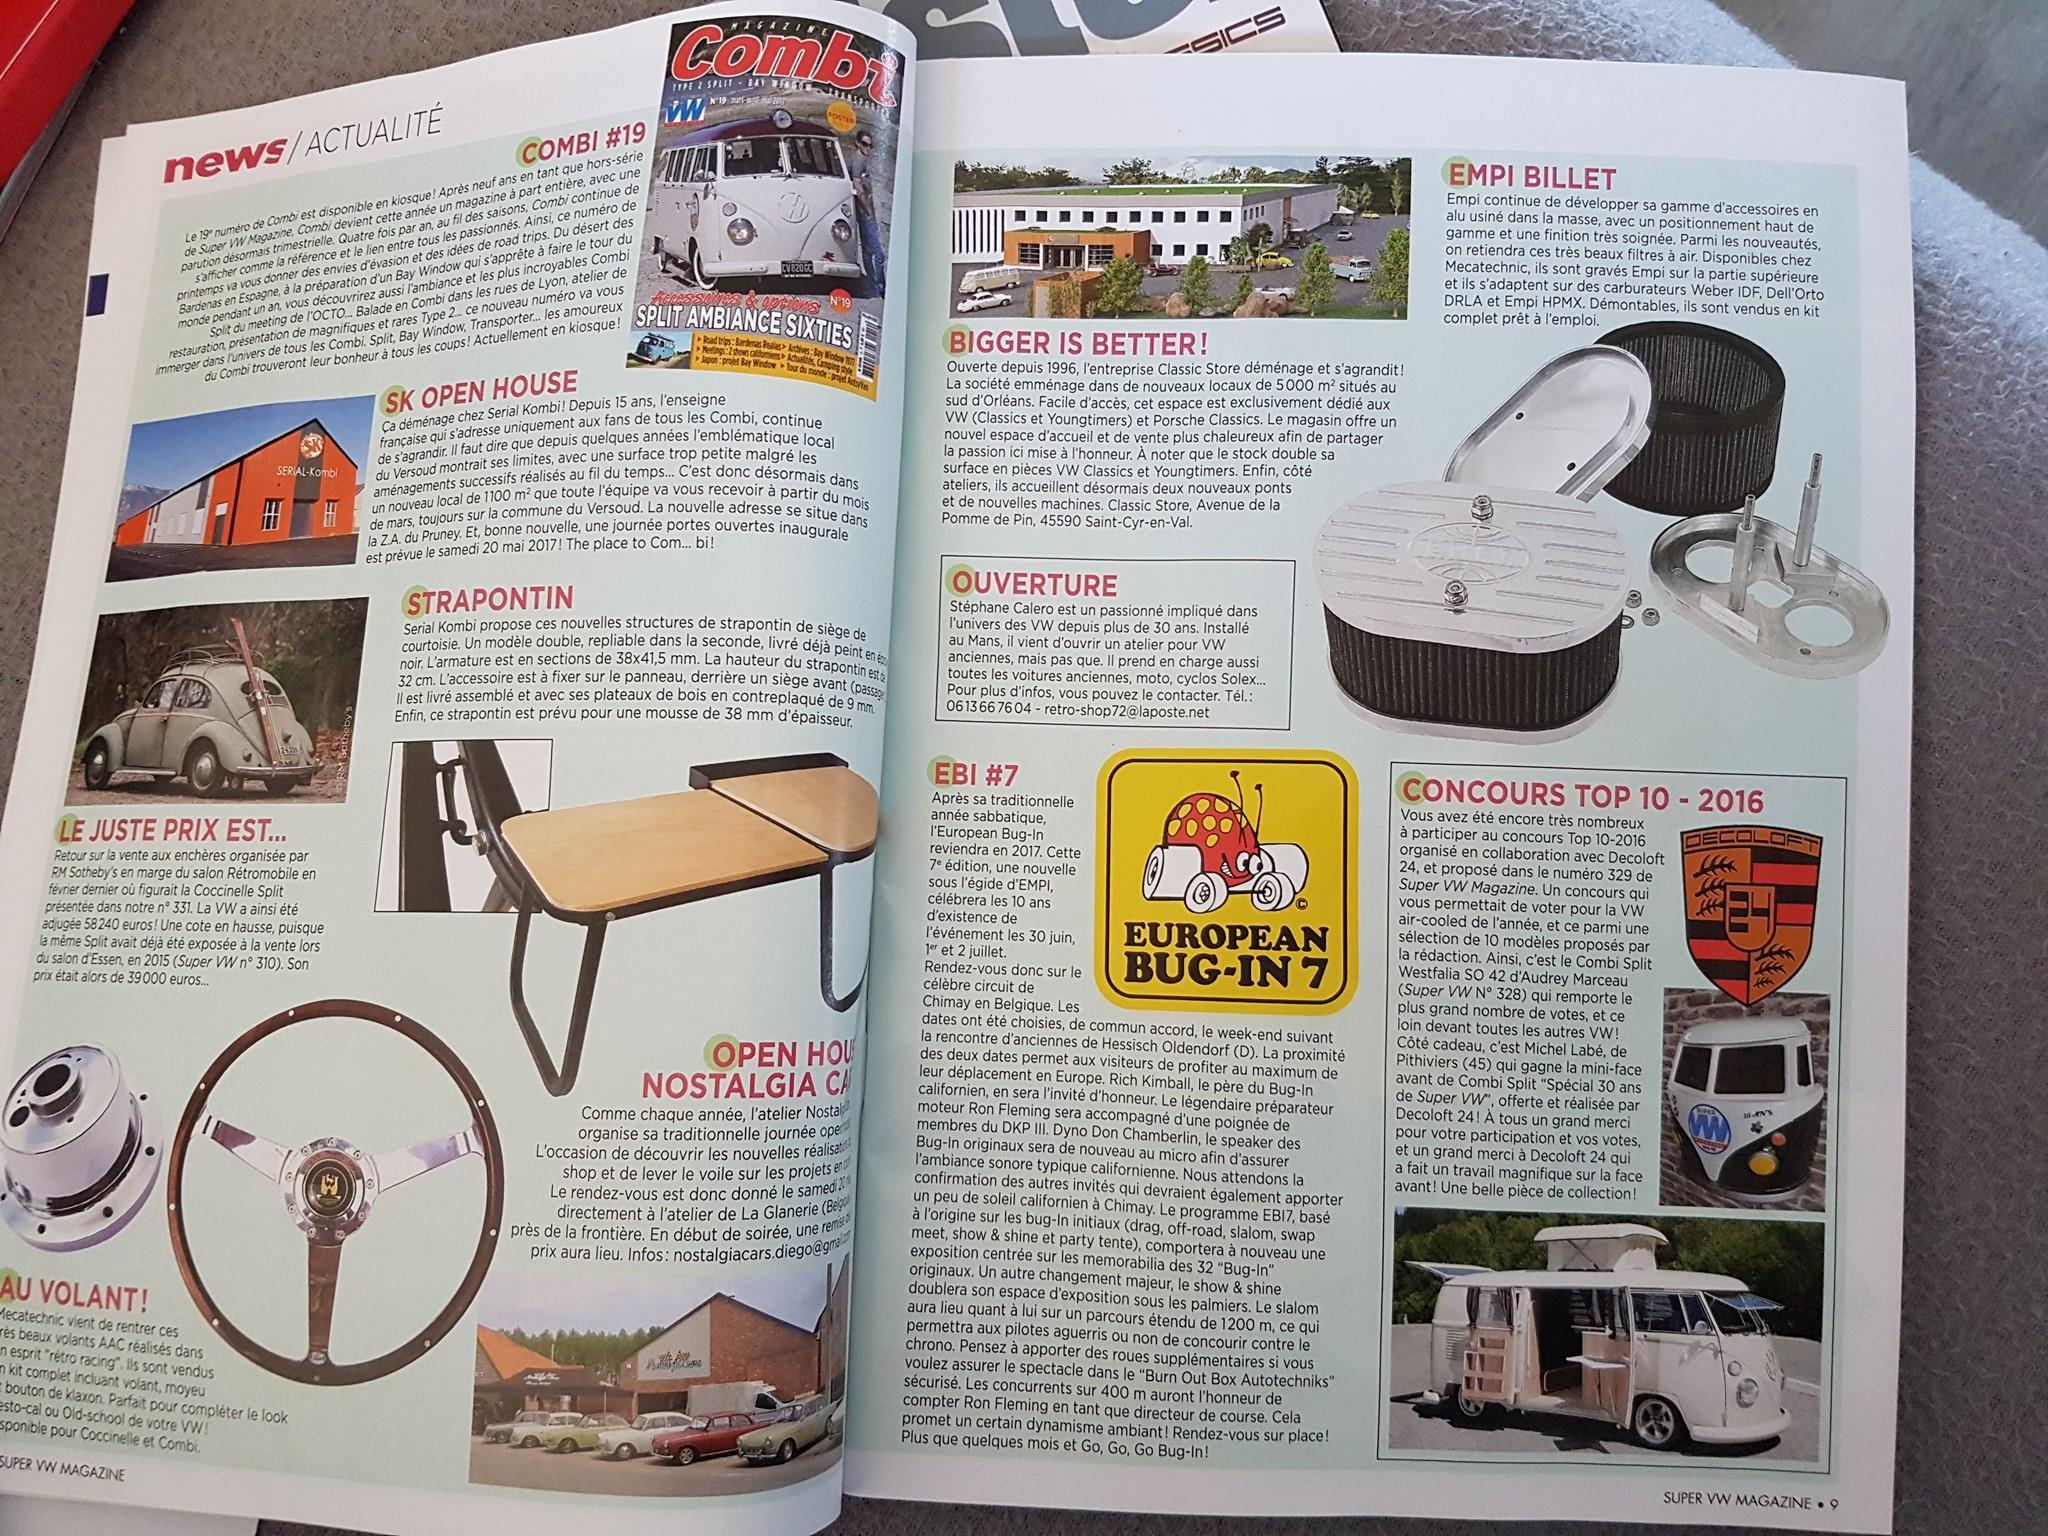 Decoloft 24 à nouveau dans le Super VW Magazine (article)